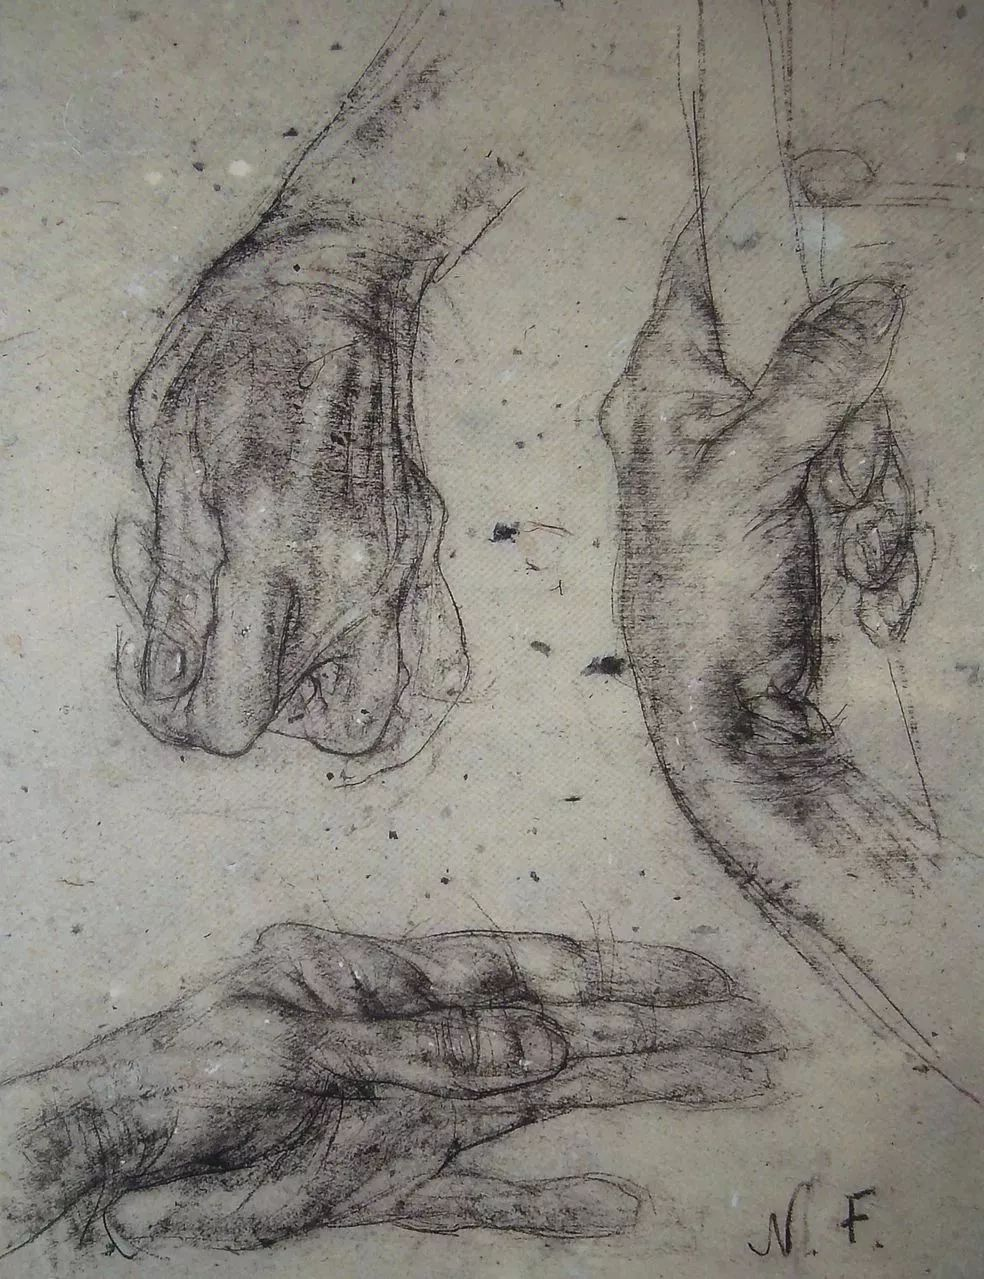 一个身在异国的孤独破壁者——费钦插图253